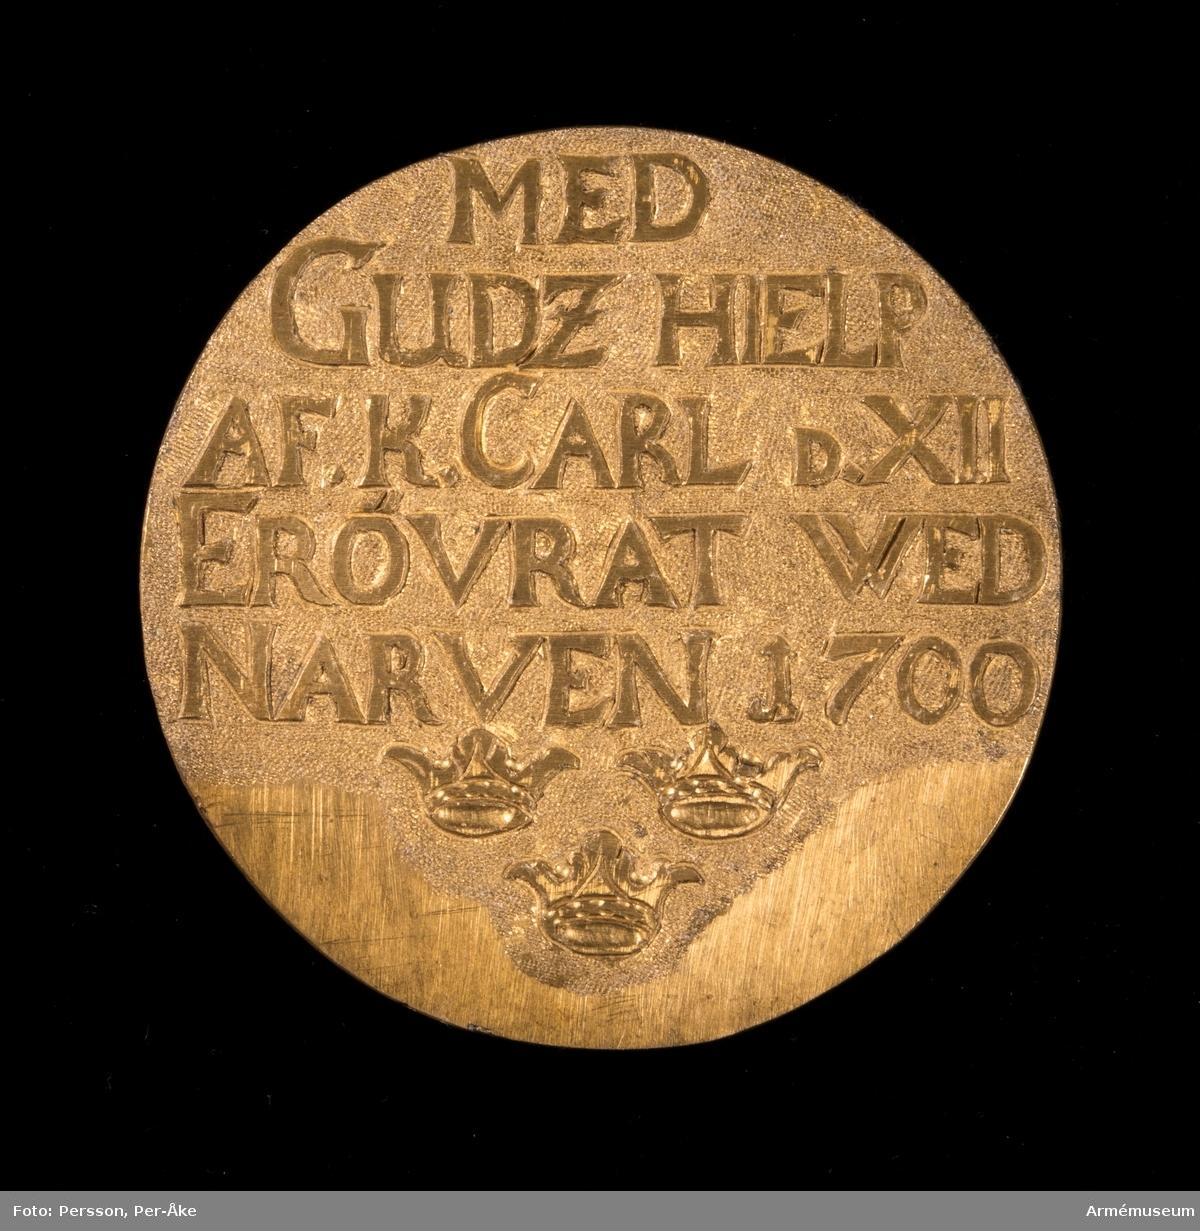 Grupp: M II.  Åtsidan: Inskription i relief: MED GUDZ HIELP AF. K. CARL D XII ERÖVRAT WED NARVEN 1700. Nedanför tre kronor -två över en.  Frånsidan: har reminisenser av tre stämplar: Tre kronor med ...ARKIVET -skall troligen vara KRIGSARKIVET.